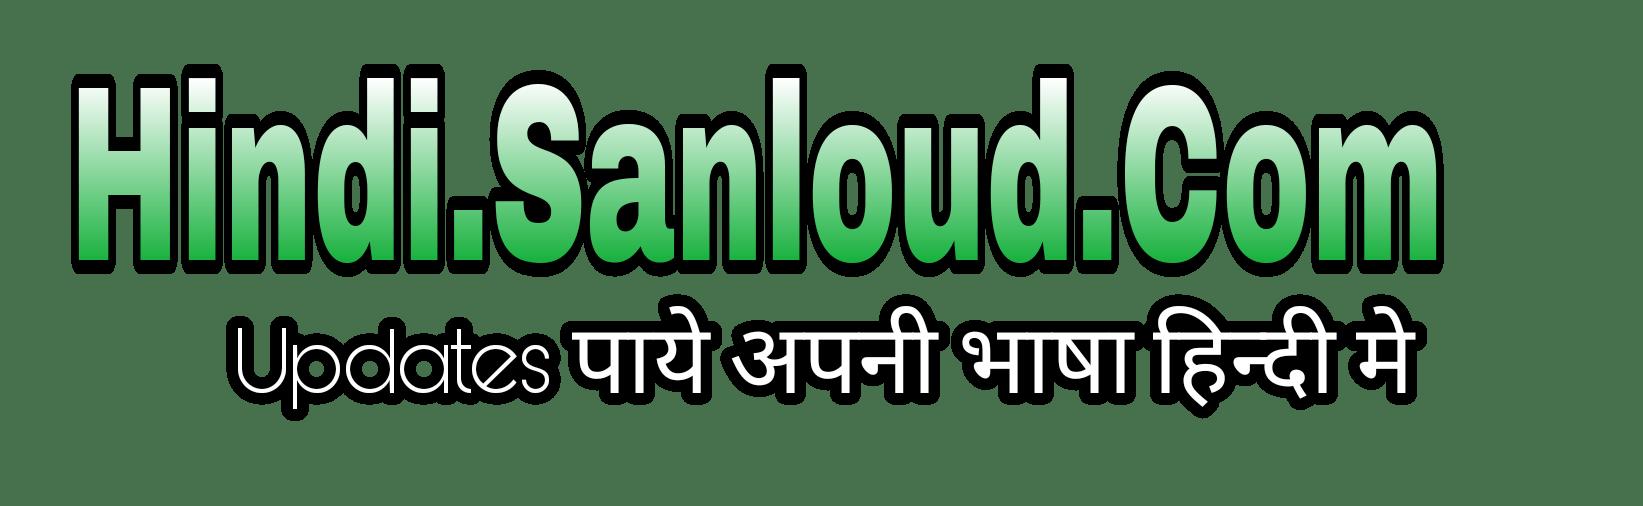 Hindi sanloud